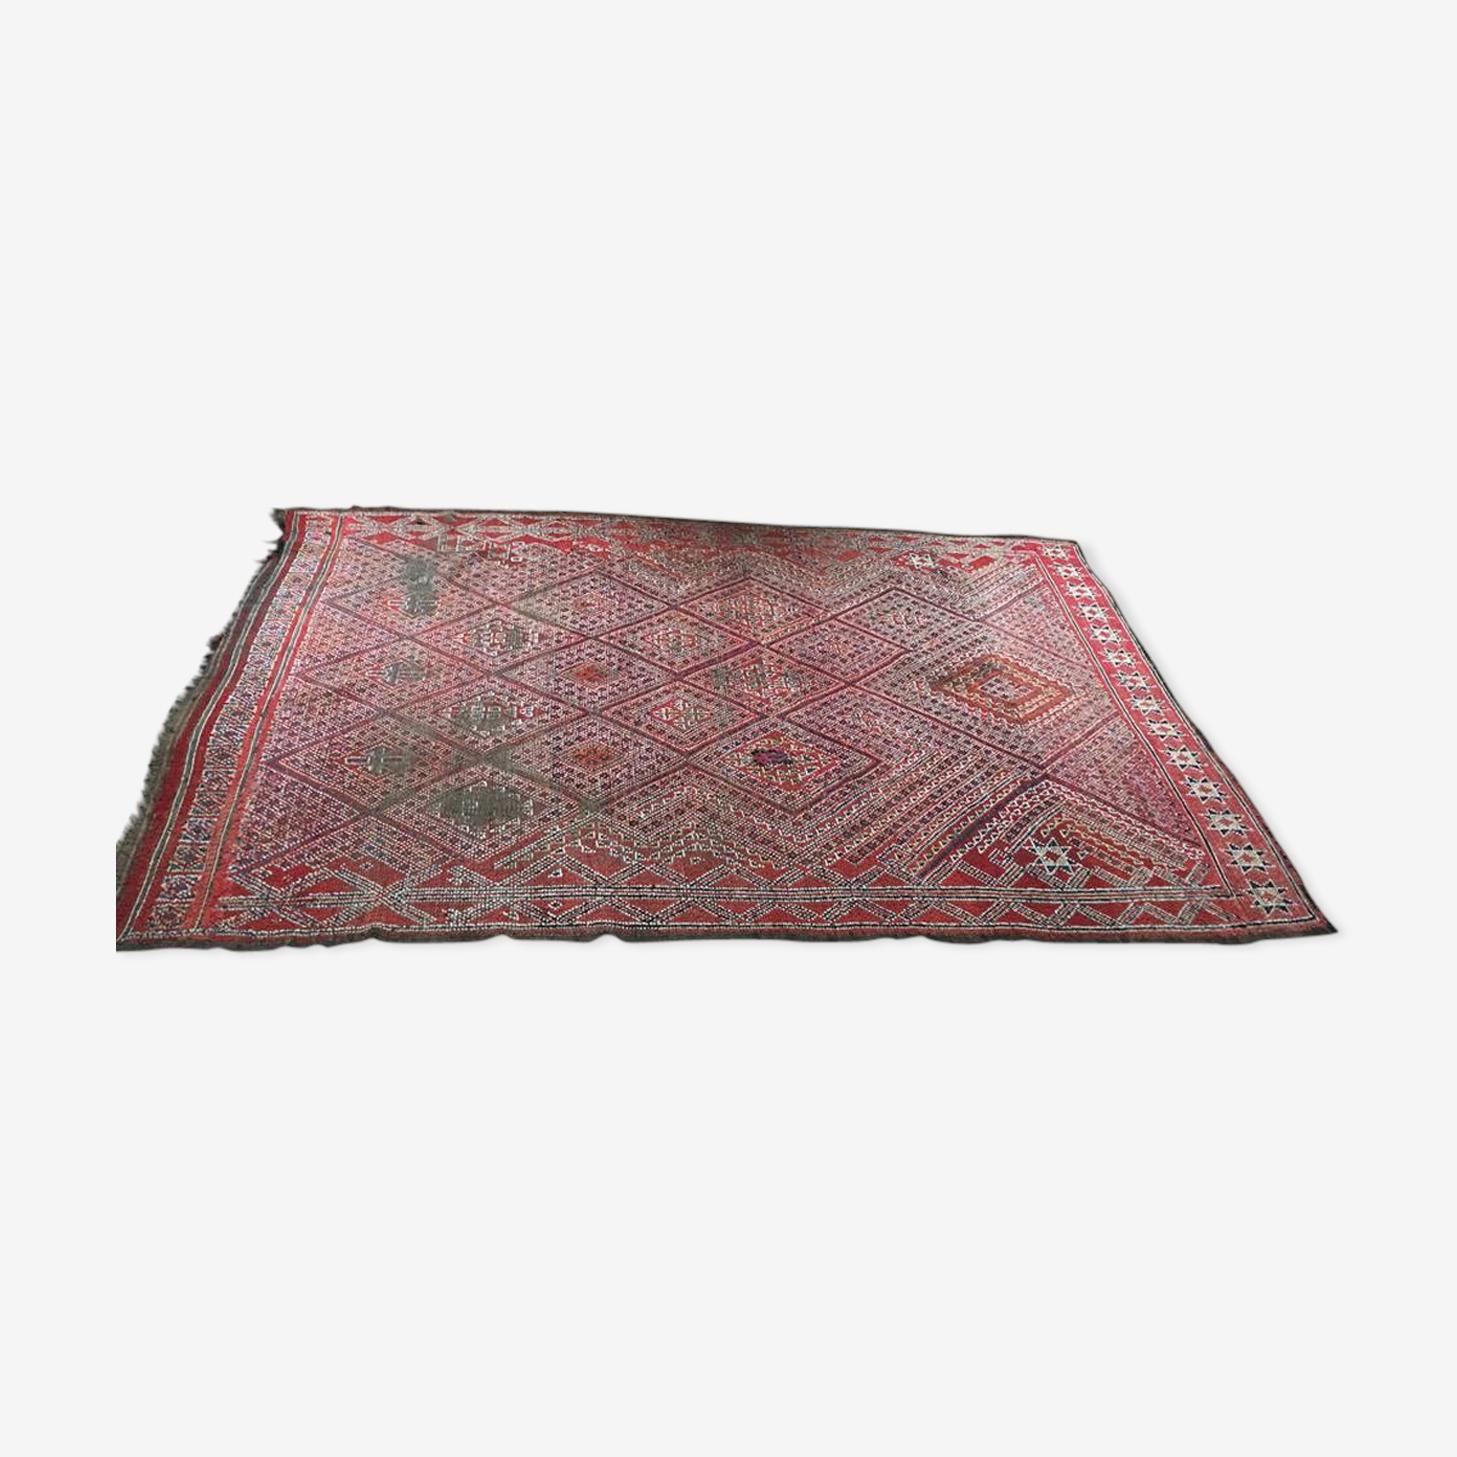 Tapis kilim vintage fait main, 297cmx189 cm